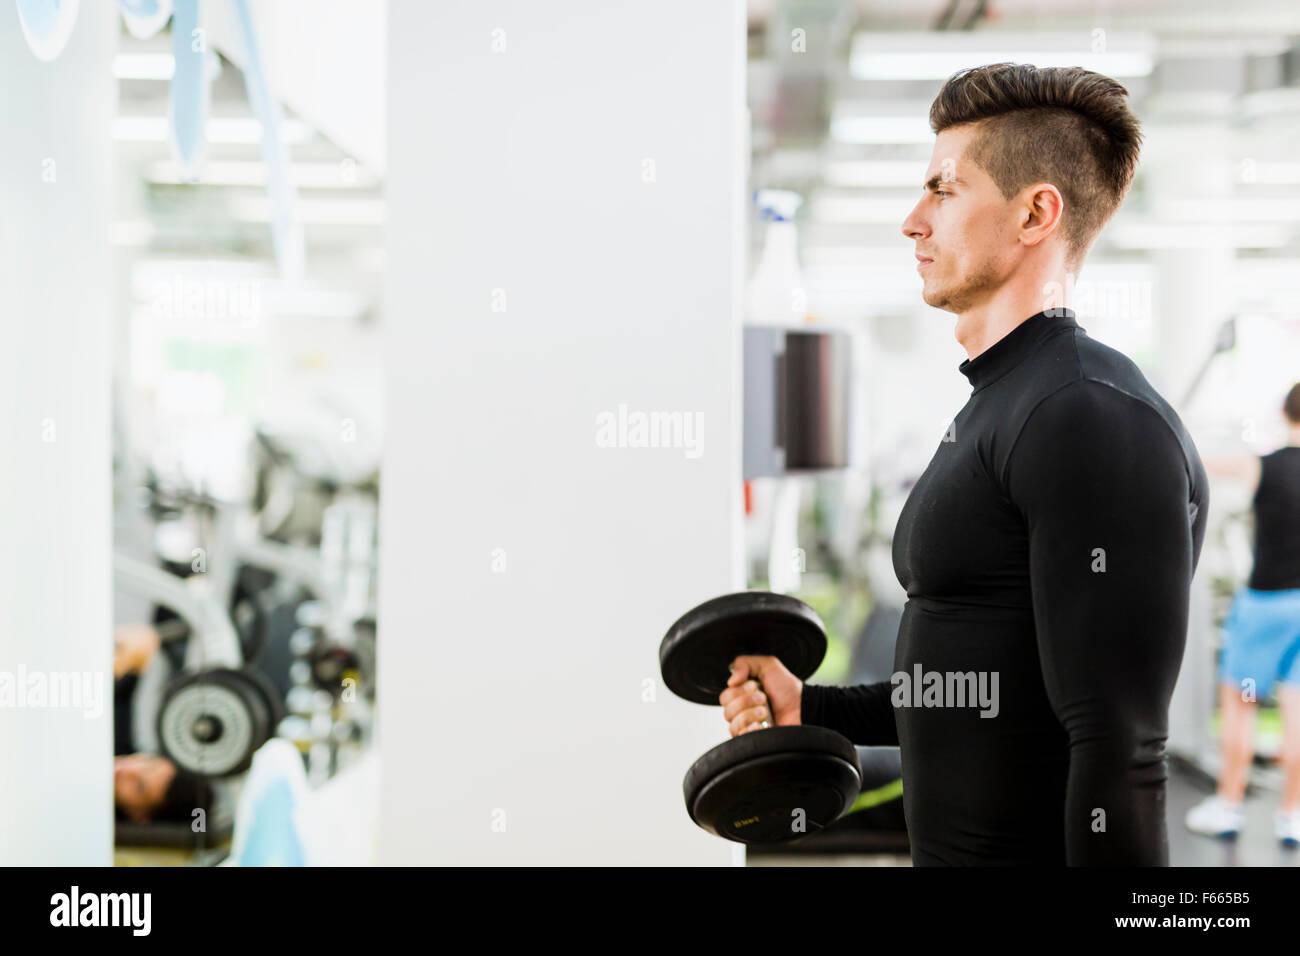 Joven apuesto hombre trabajando en un gimnasio y levantar pesas Imagen De Stock